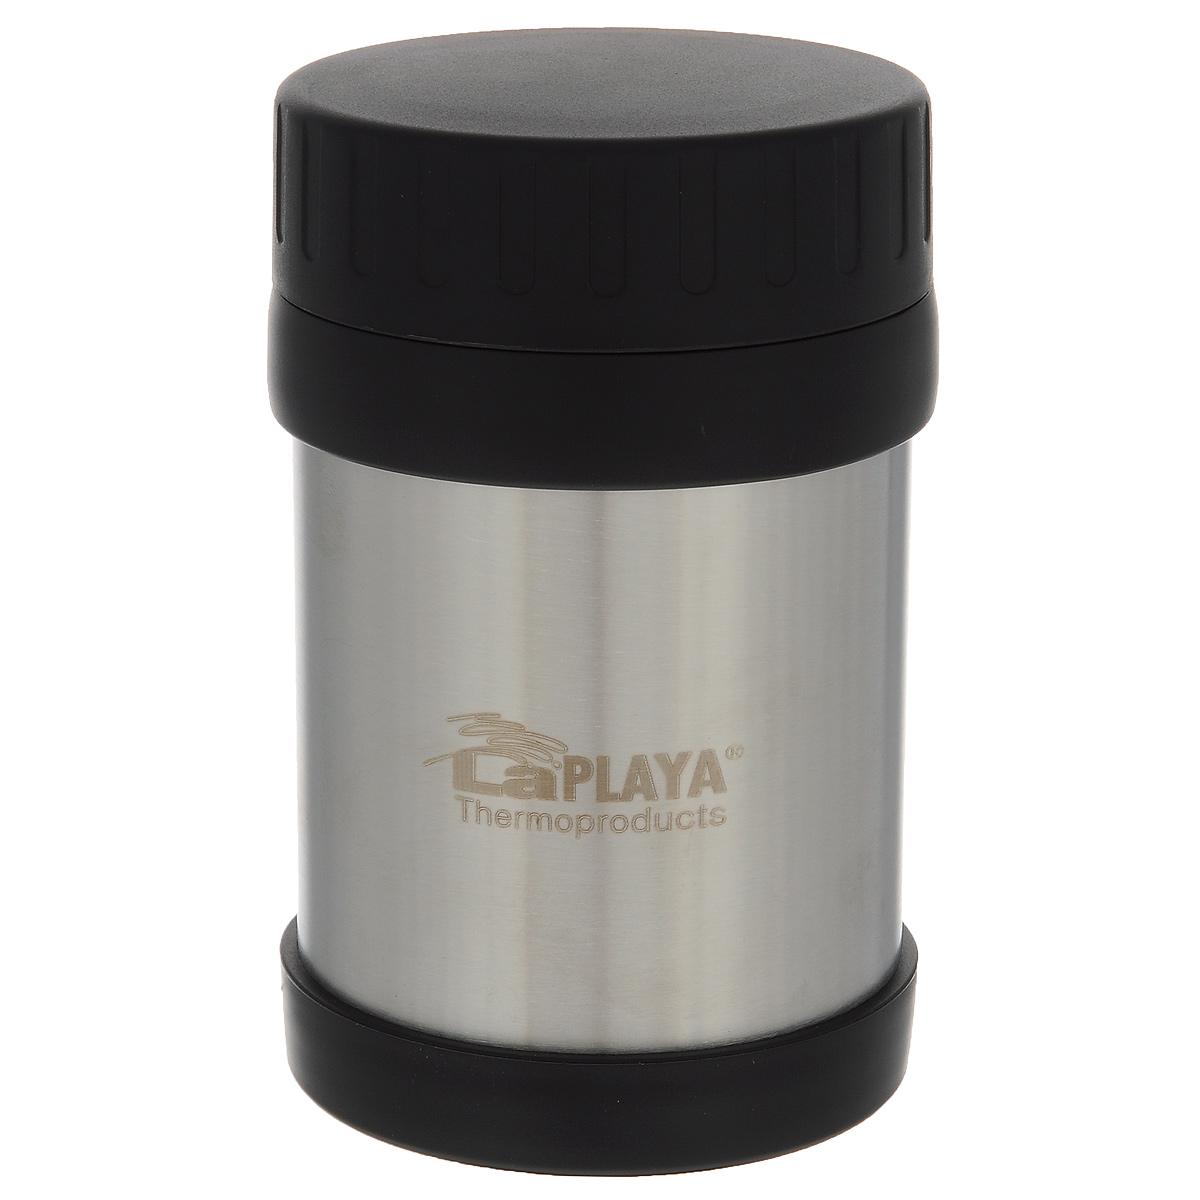 Термос LaPlaya JMG, цвет: серебристый, 350 мл560036Термос LaPlaya JMG изготовлен из высококачественной нержавеющей стали 18/8 и пластика. Термос с двухстеночной вакуумной изоляцией, предназначенный для хранения горячих и холодных продуктов, сохраняет их до 6 часов горячими и холодными в течении 8 часов. Термос очень легкий, имеет широкое горло и закрывается герметичной крышкой.Идеально подходит для напитков, а также первых и вторых блюд. Высота: 14 см.Диаметр горлышка: 6,8 см.